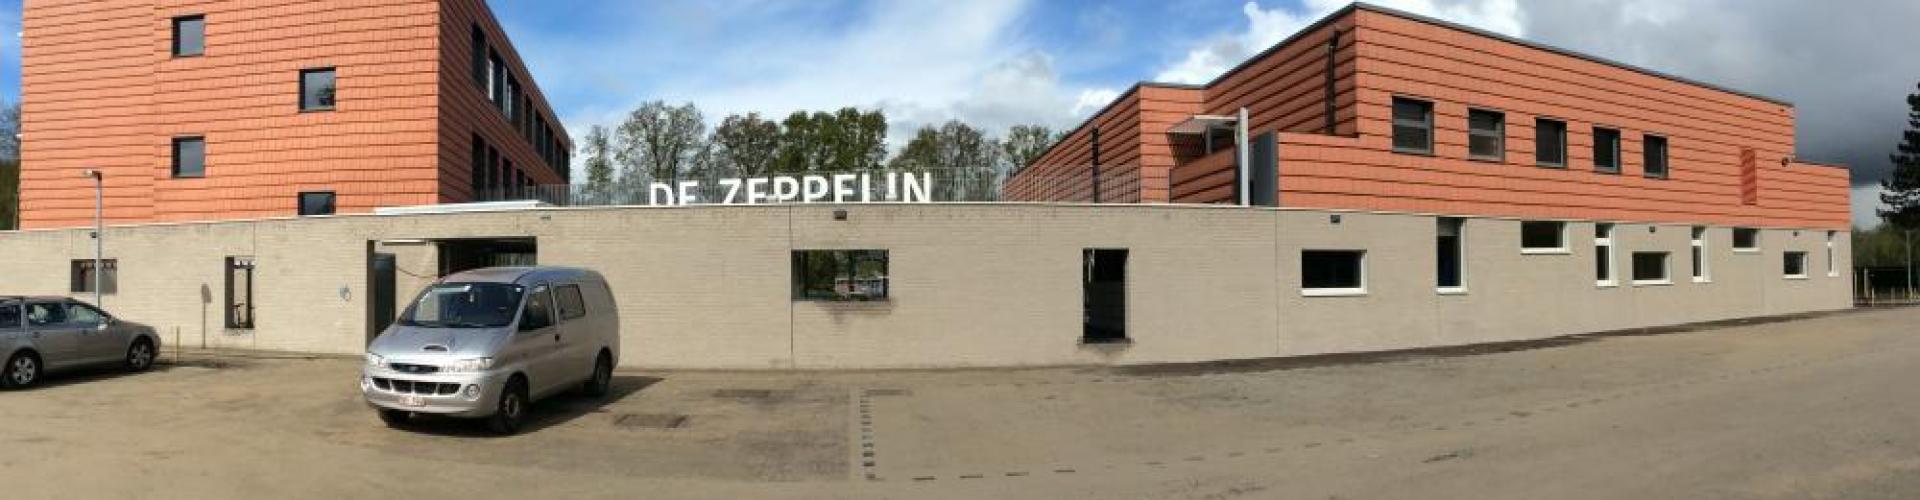 PSBLO De Zeppelin